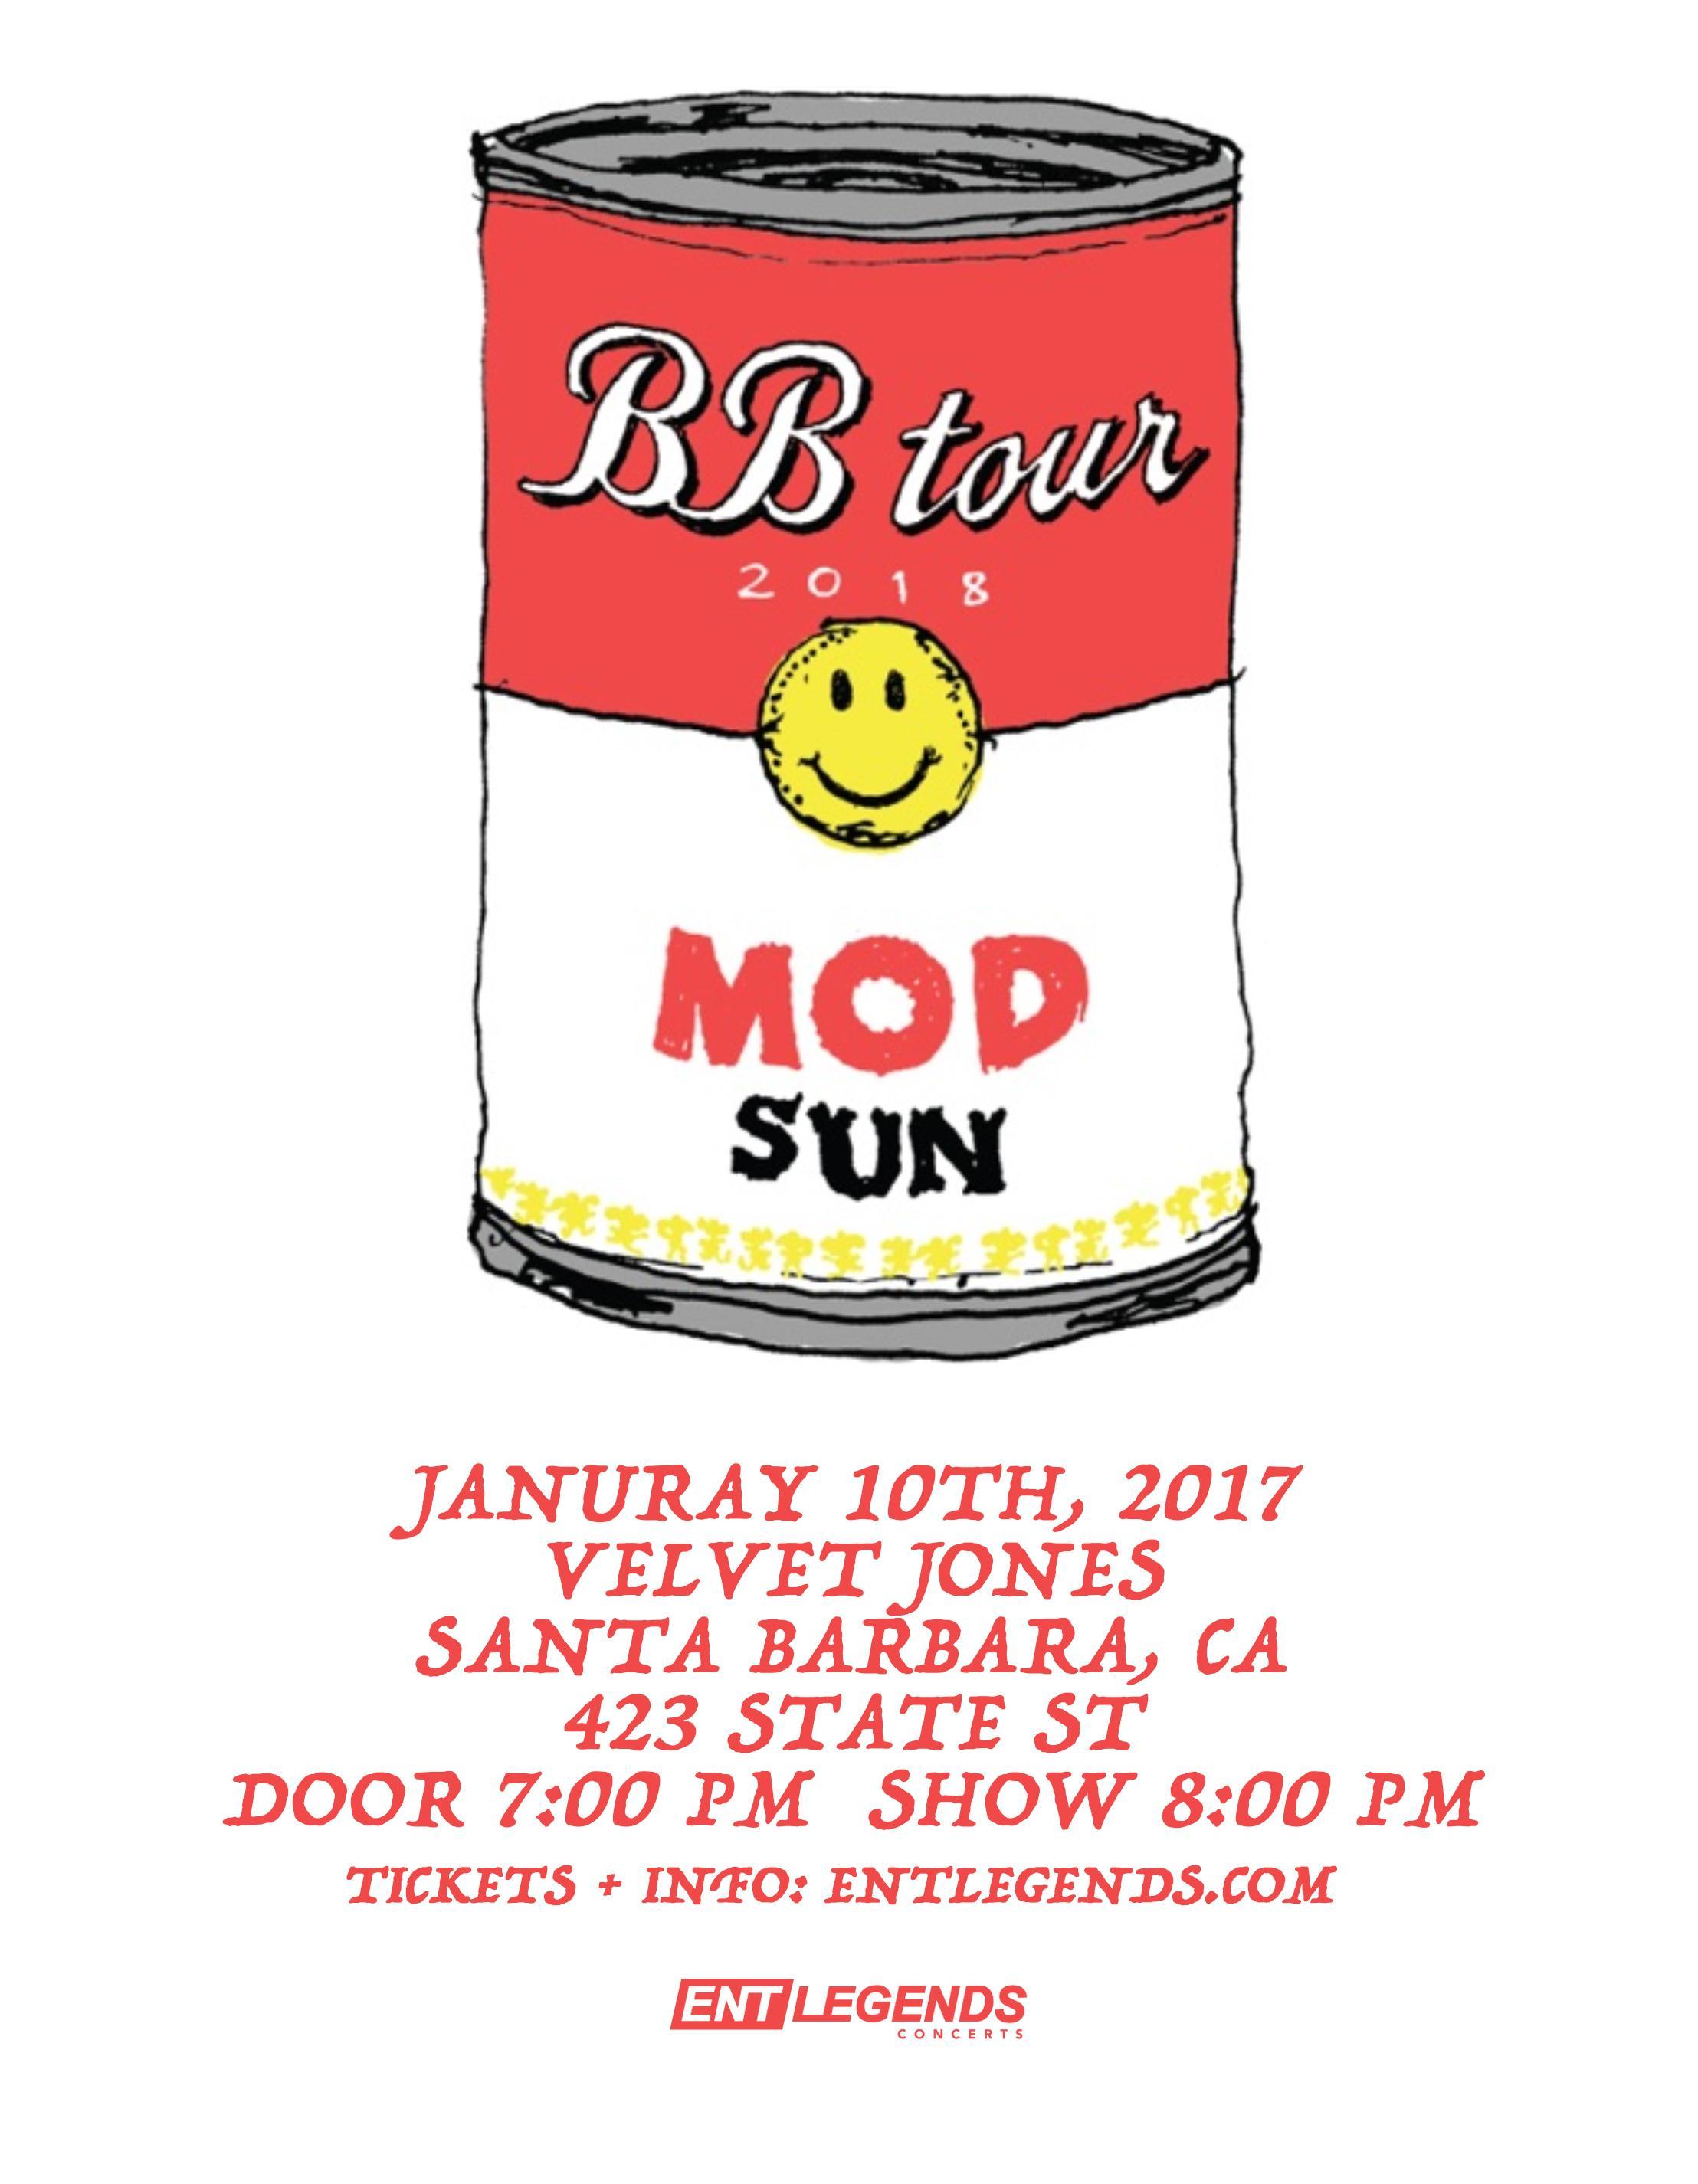 MOD SON - THE BB TOUR